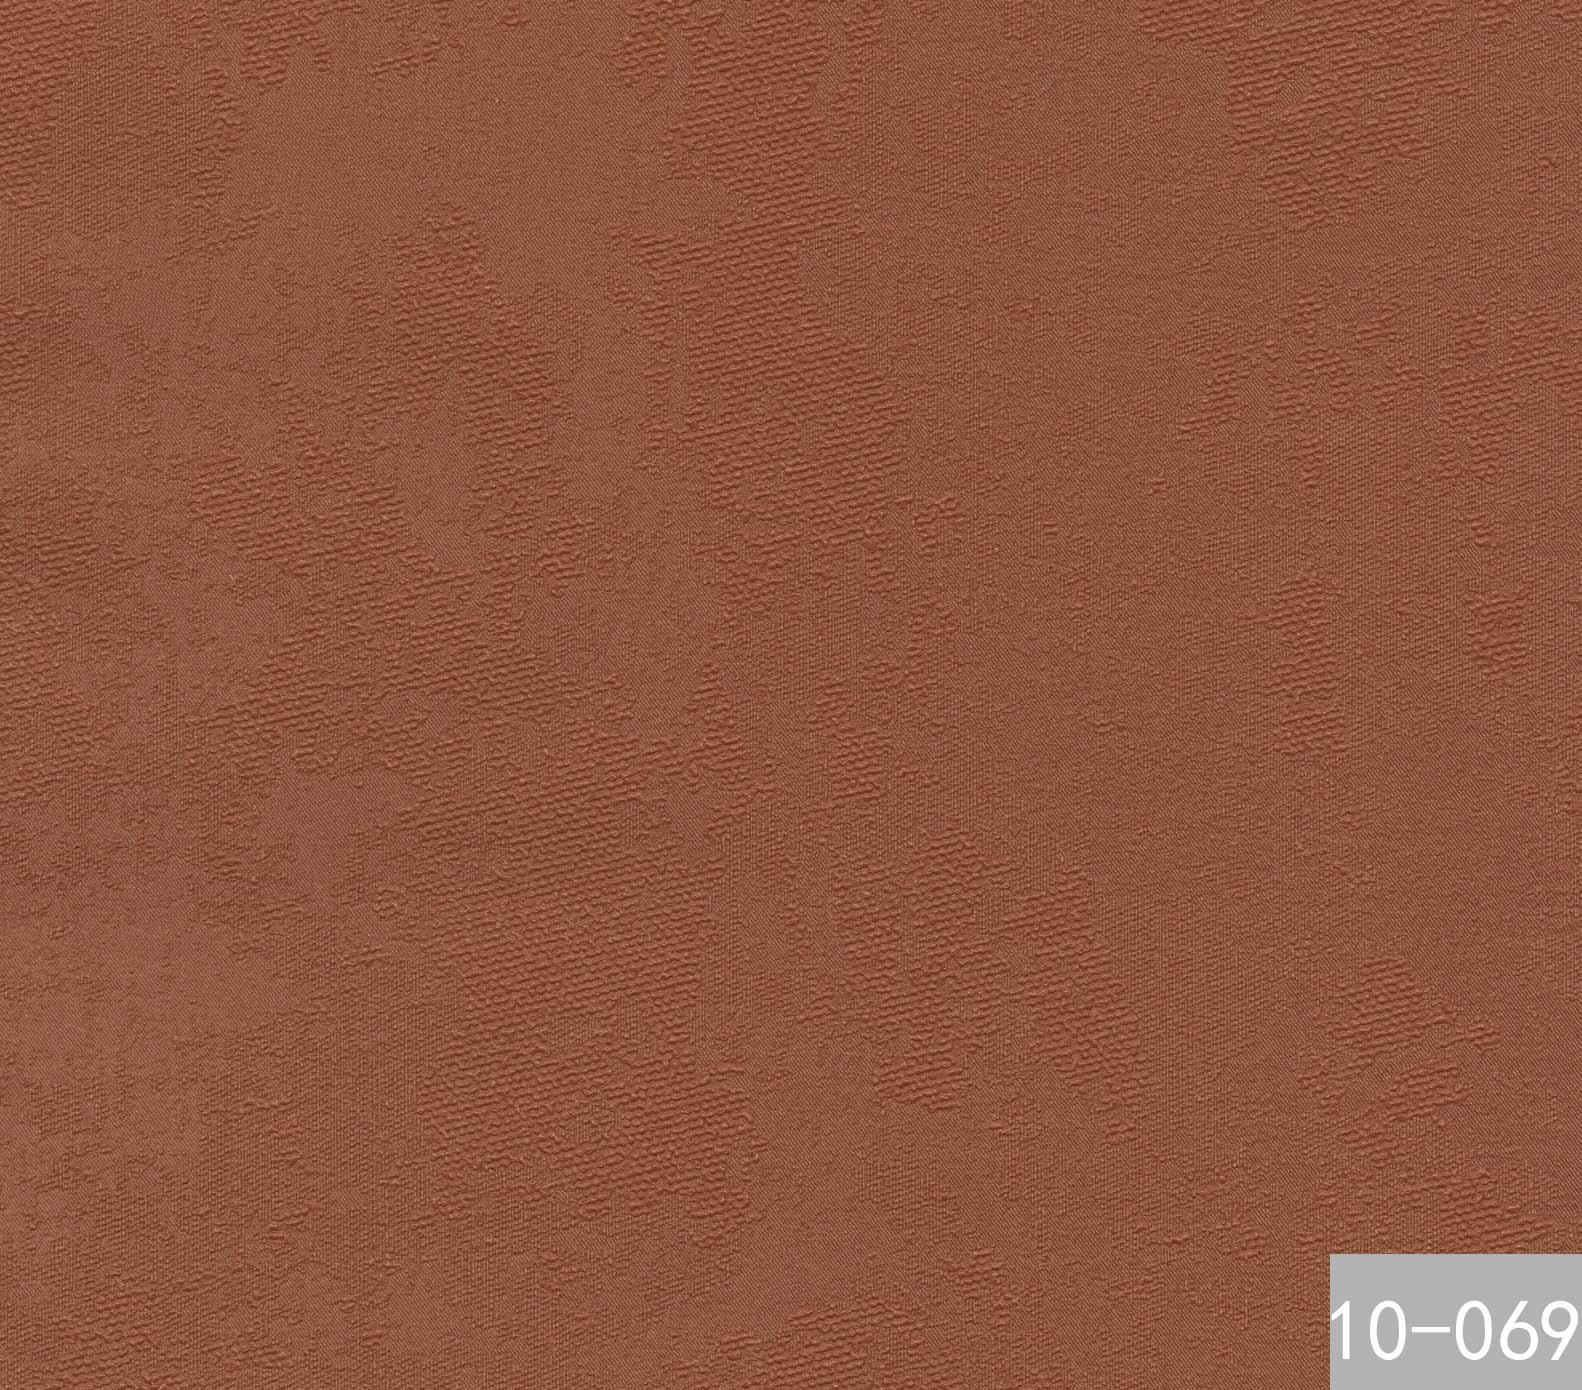 Giấy dán tường Hàn Quốc một màu Plain 10-069